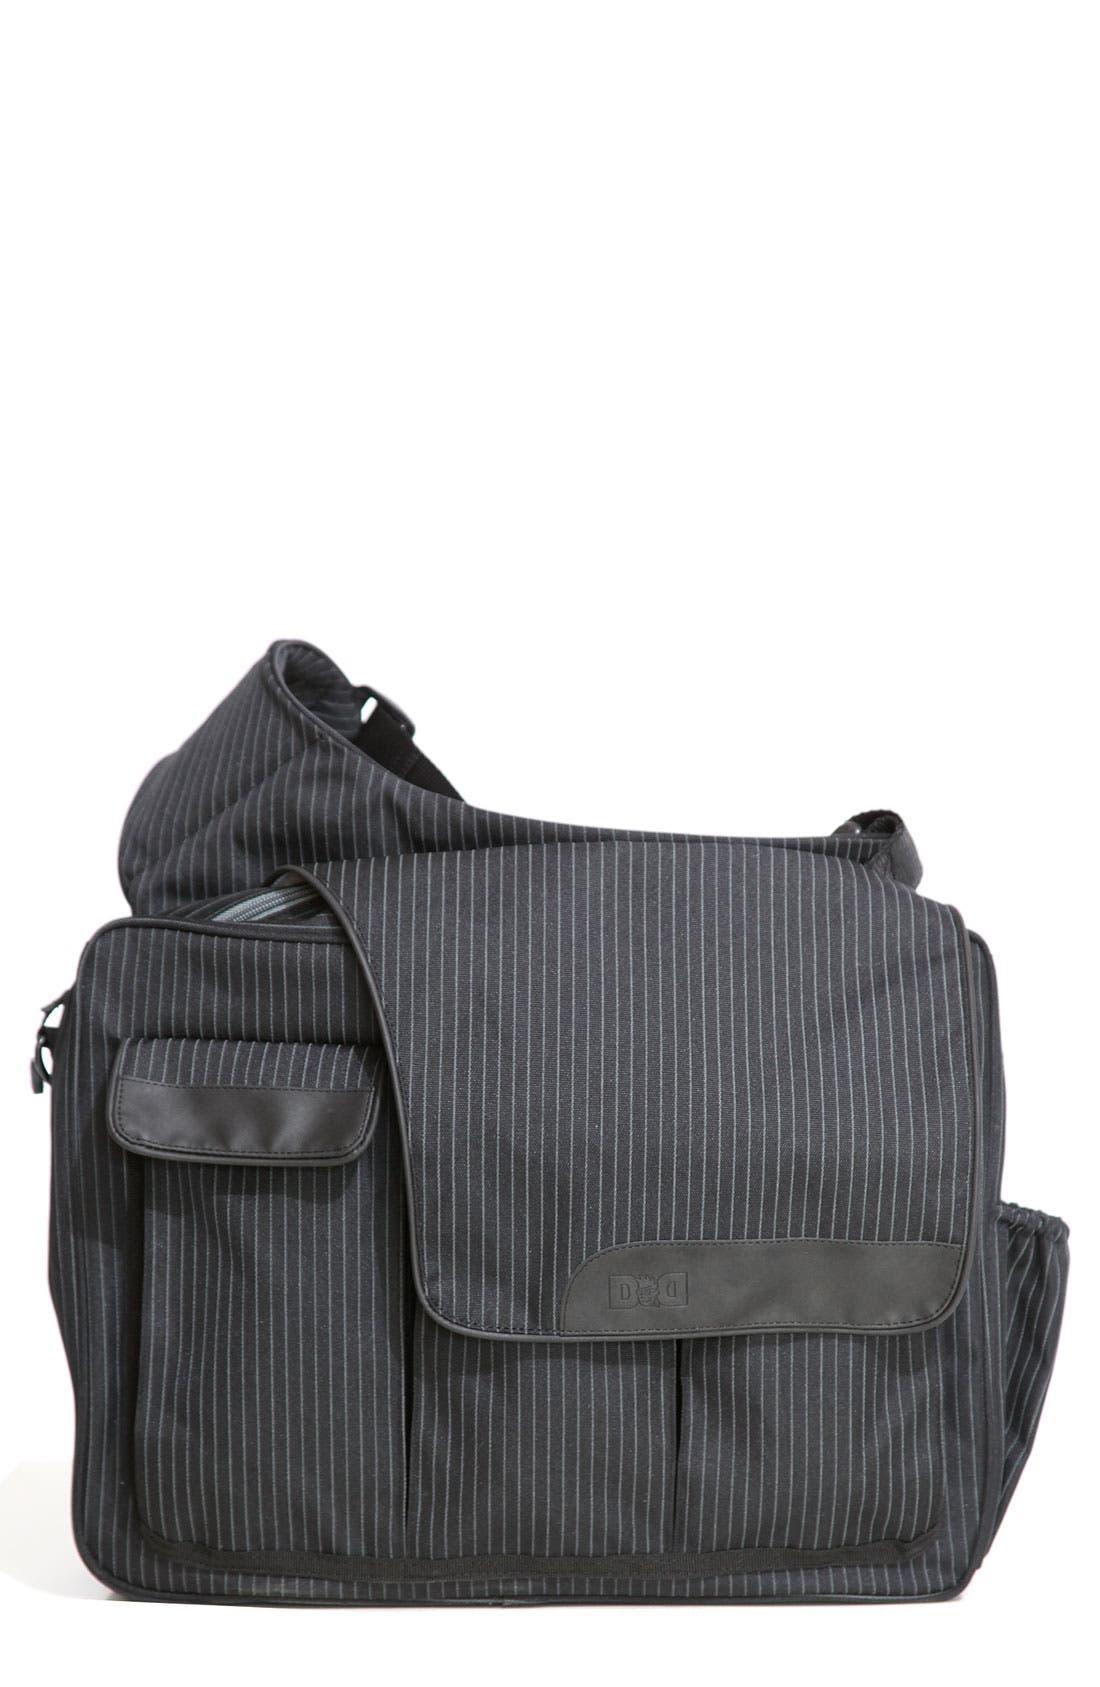 Alternate Image 1 Selected - Diaper Dude 'Messenger II' Diaper Bag